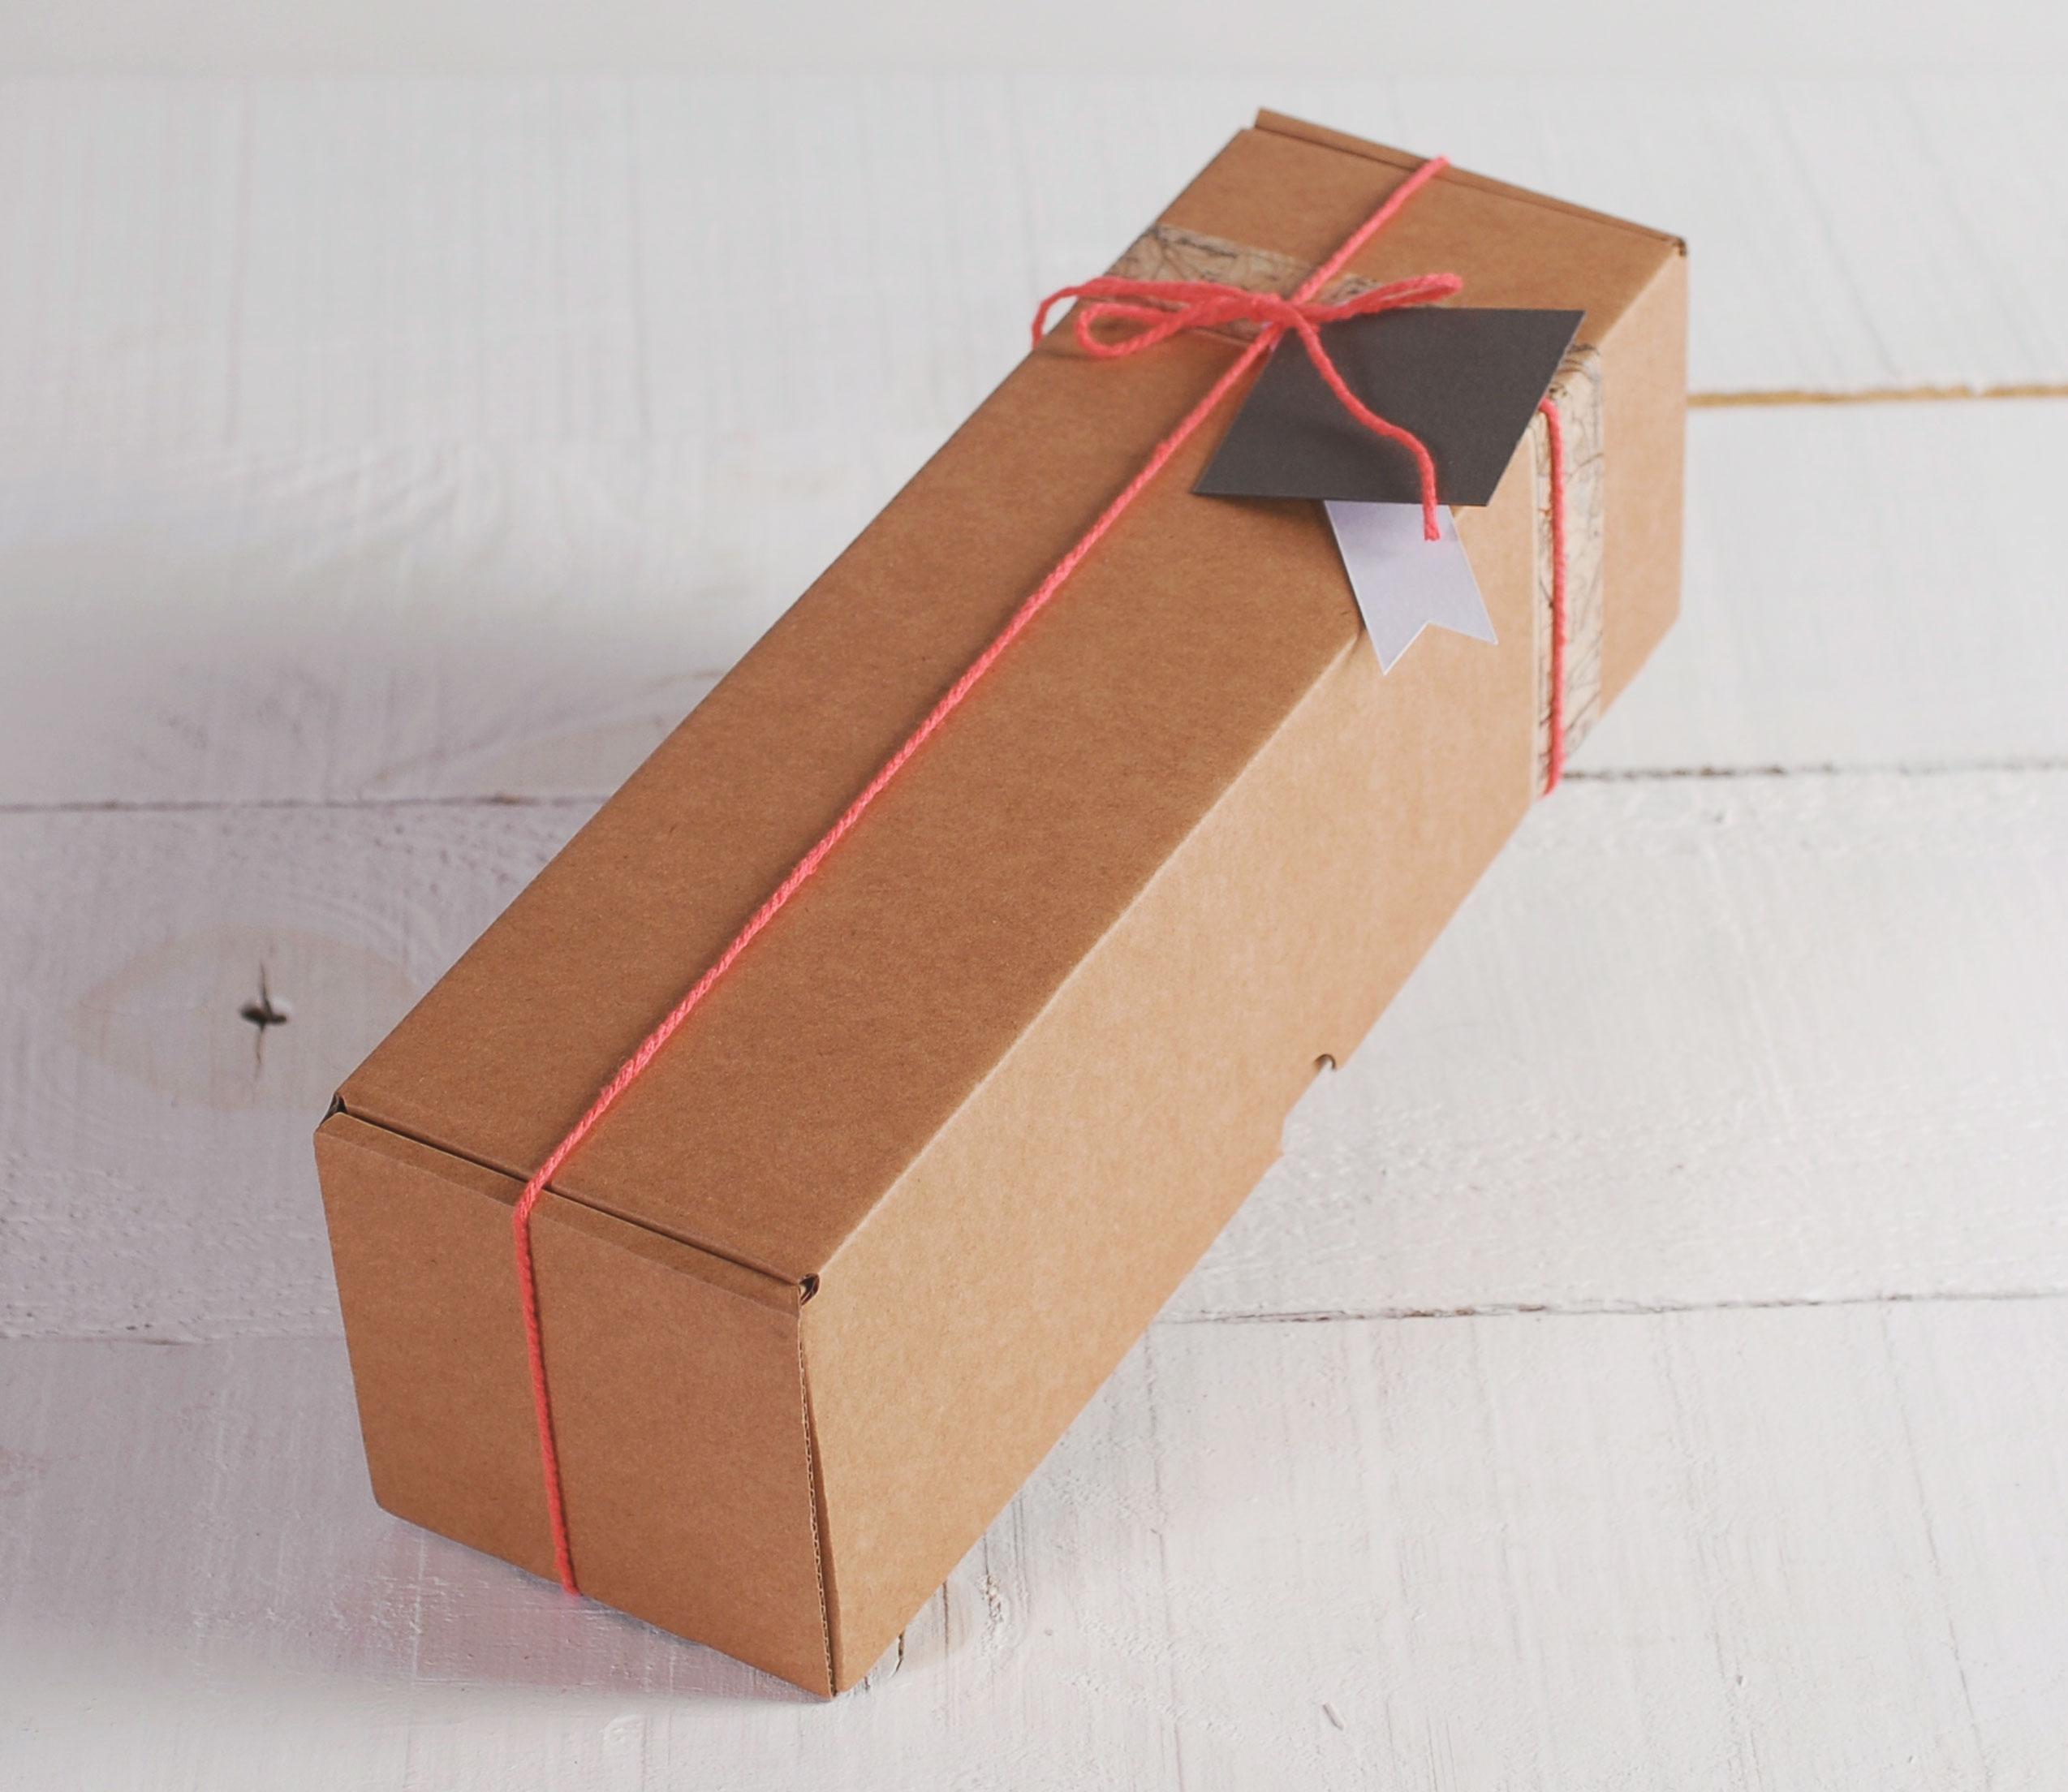 Cajas Para Env Os Alargadas ~ Cajas De Carton Decorativas Grandes